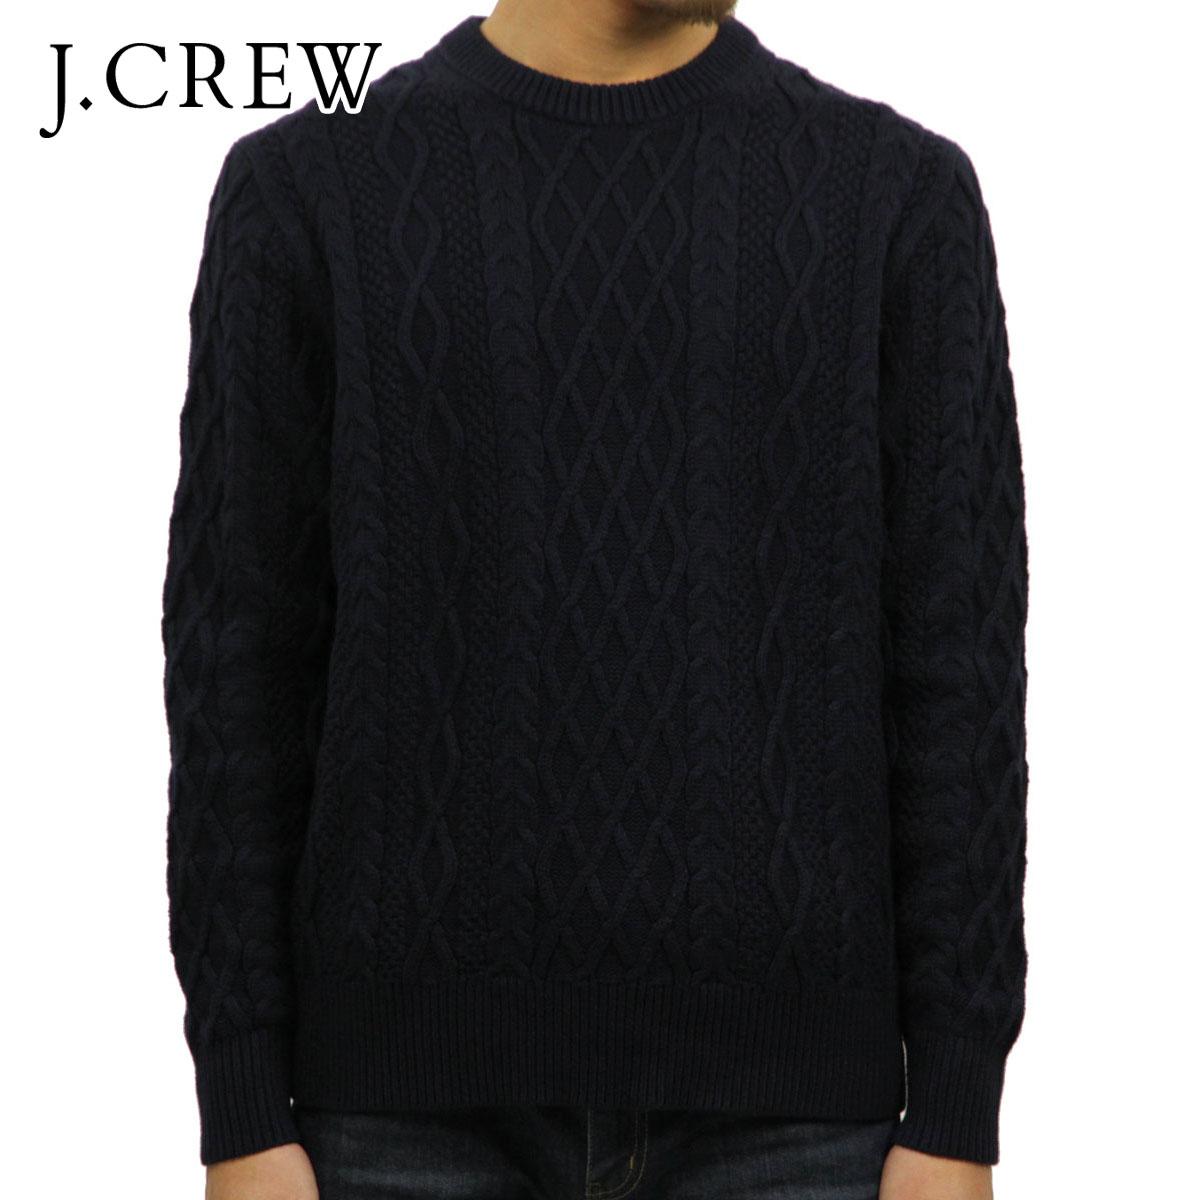 ジェイクルー J.CREW 正規品 メンズ ケーブル編みクルーネックセーター FISHERMAN CABLE CREWNECK SWEATER NAVY G3777